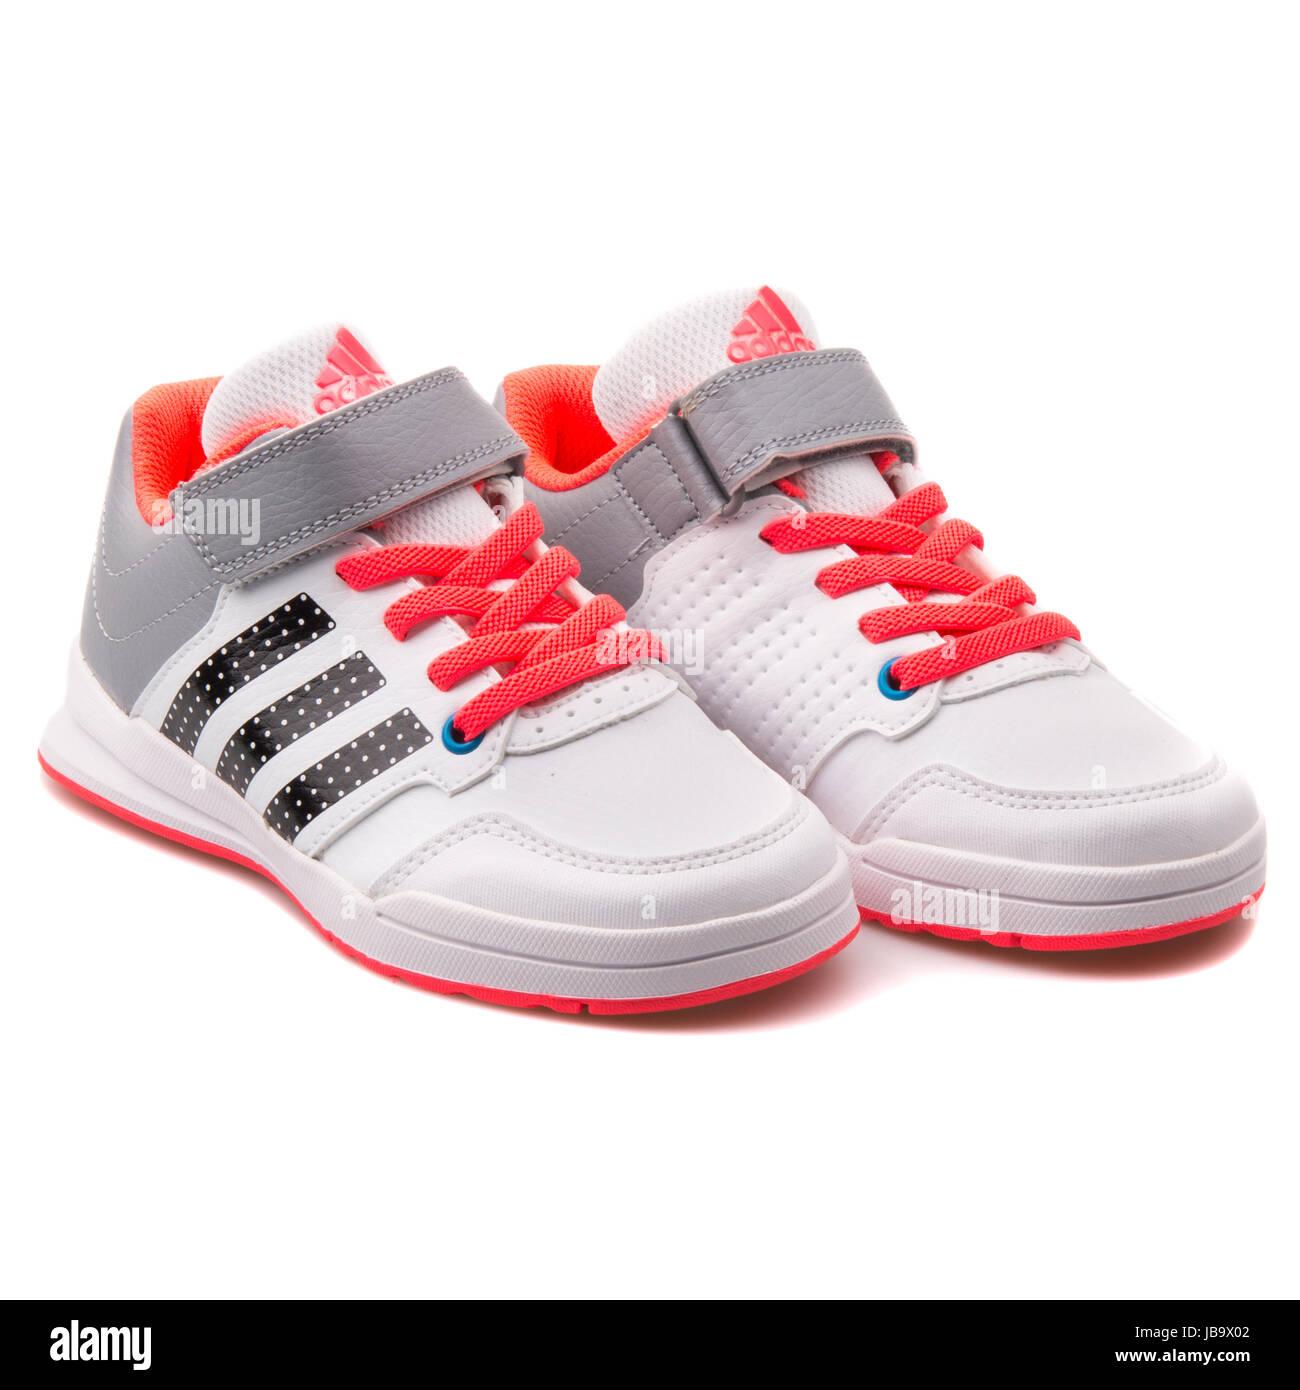 best website 0029d 87e26 Adidas Jan BS 2 C blanco y gris y zapatillas deportivas para niños - B23903  Imagen